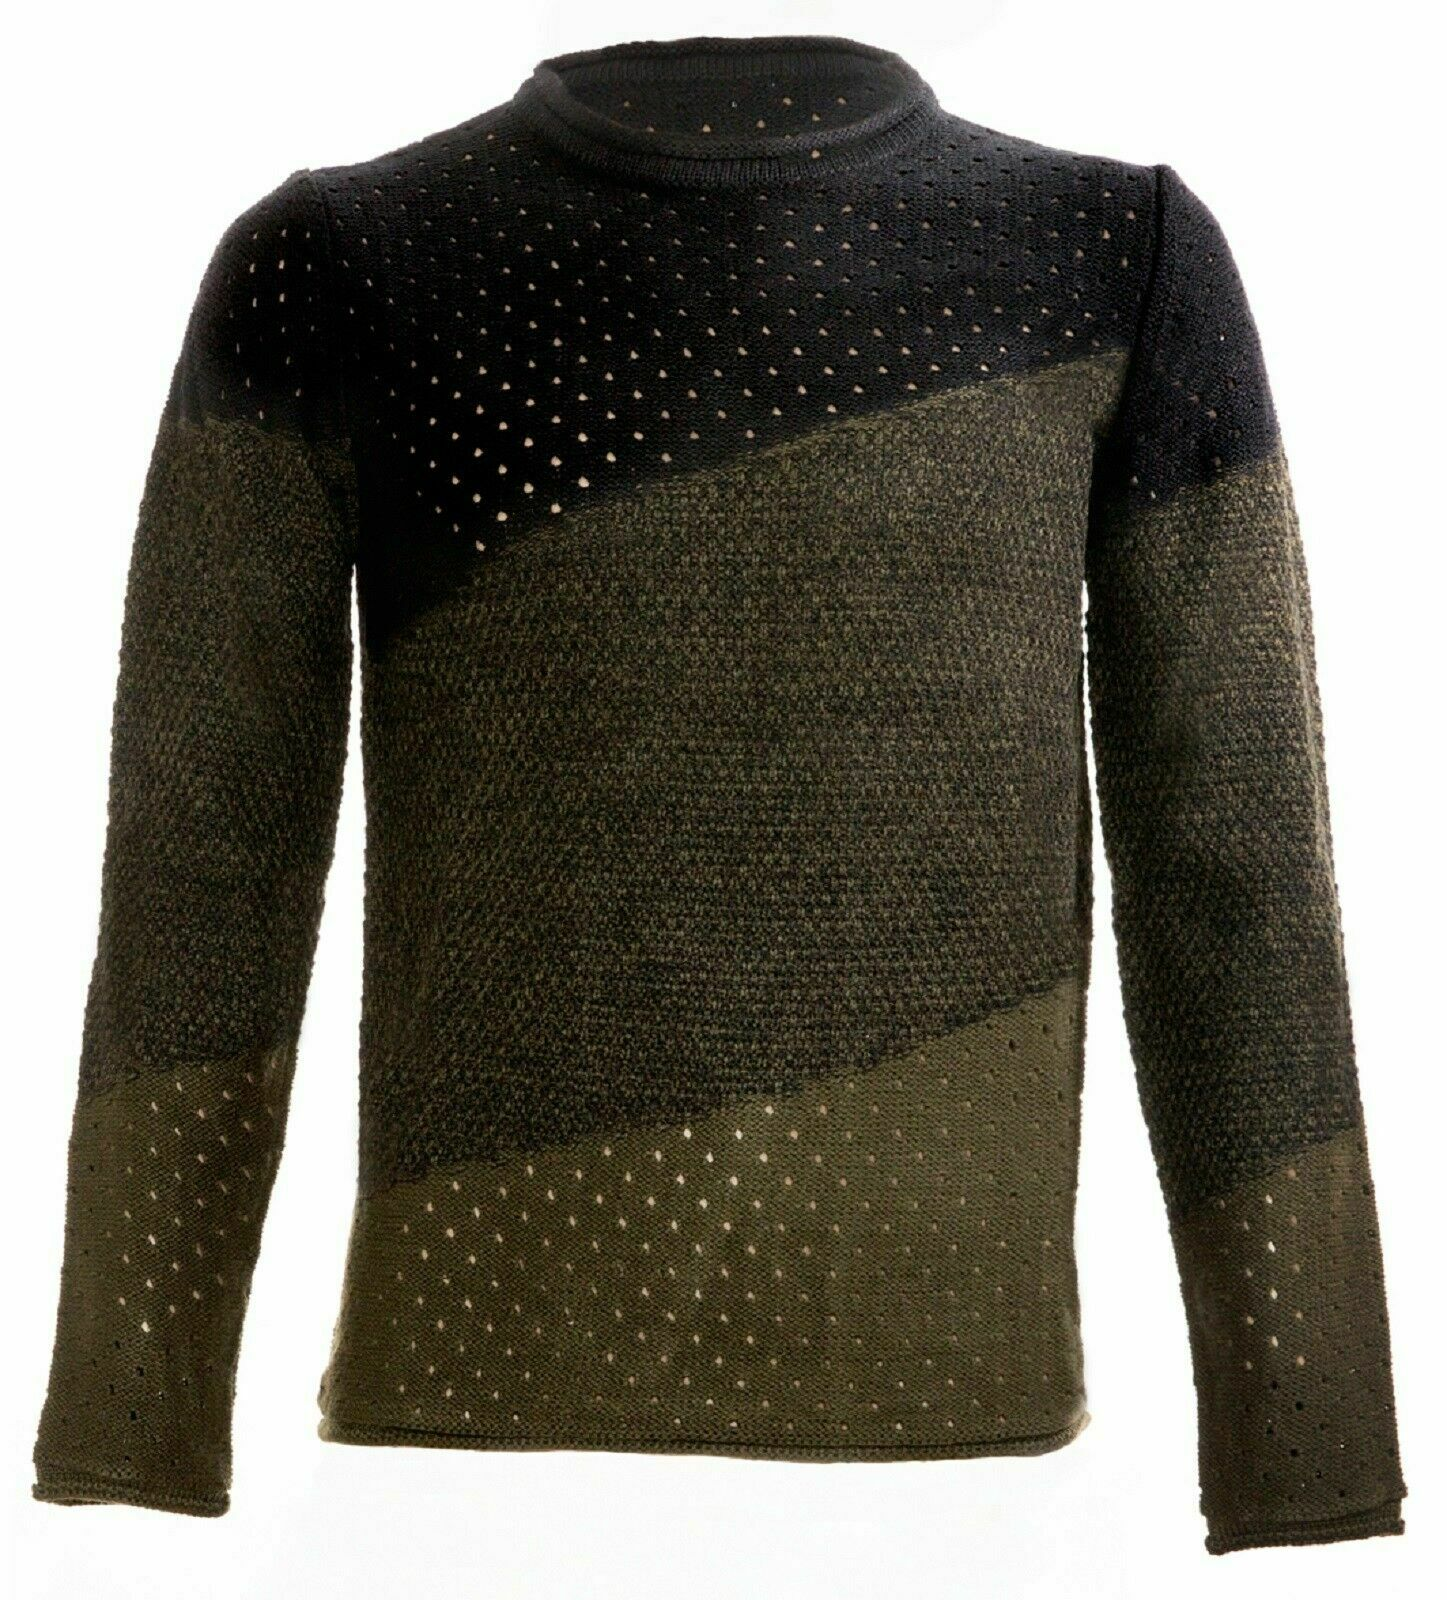 Maglione-uomo-Girocollo-Maglioncino-Invernale-Maglia-slim-fit-Pullover-Casual miniatura 15